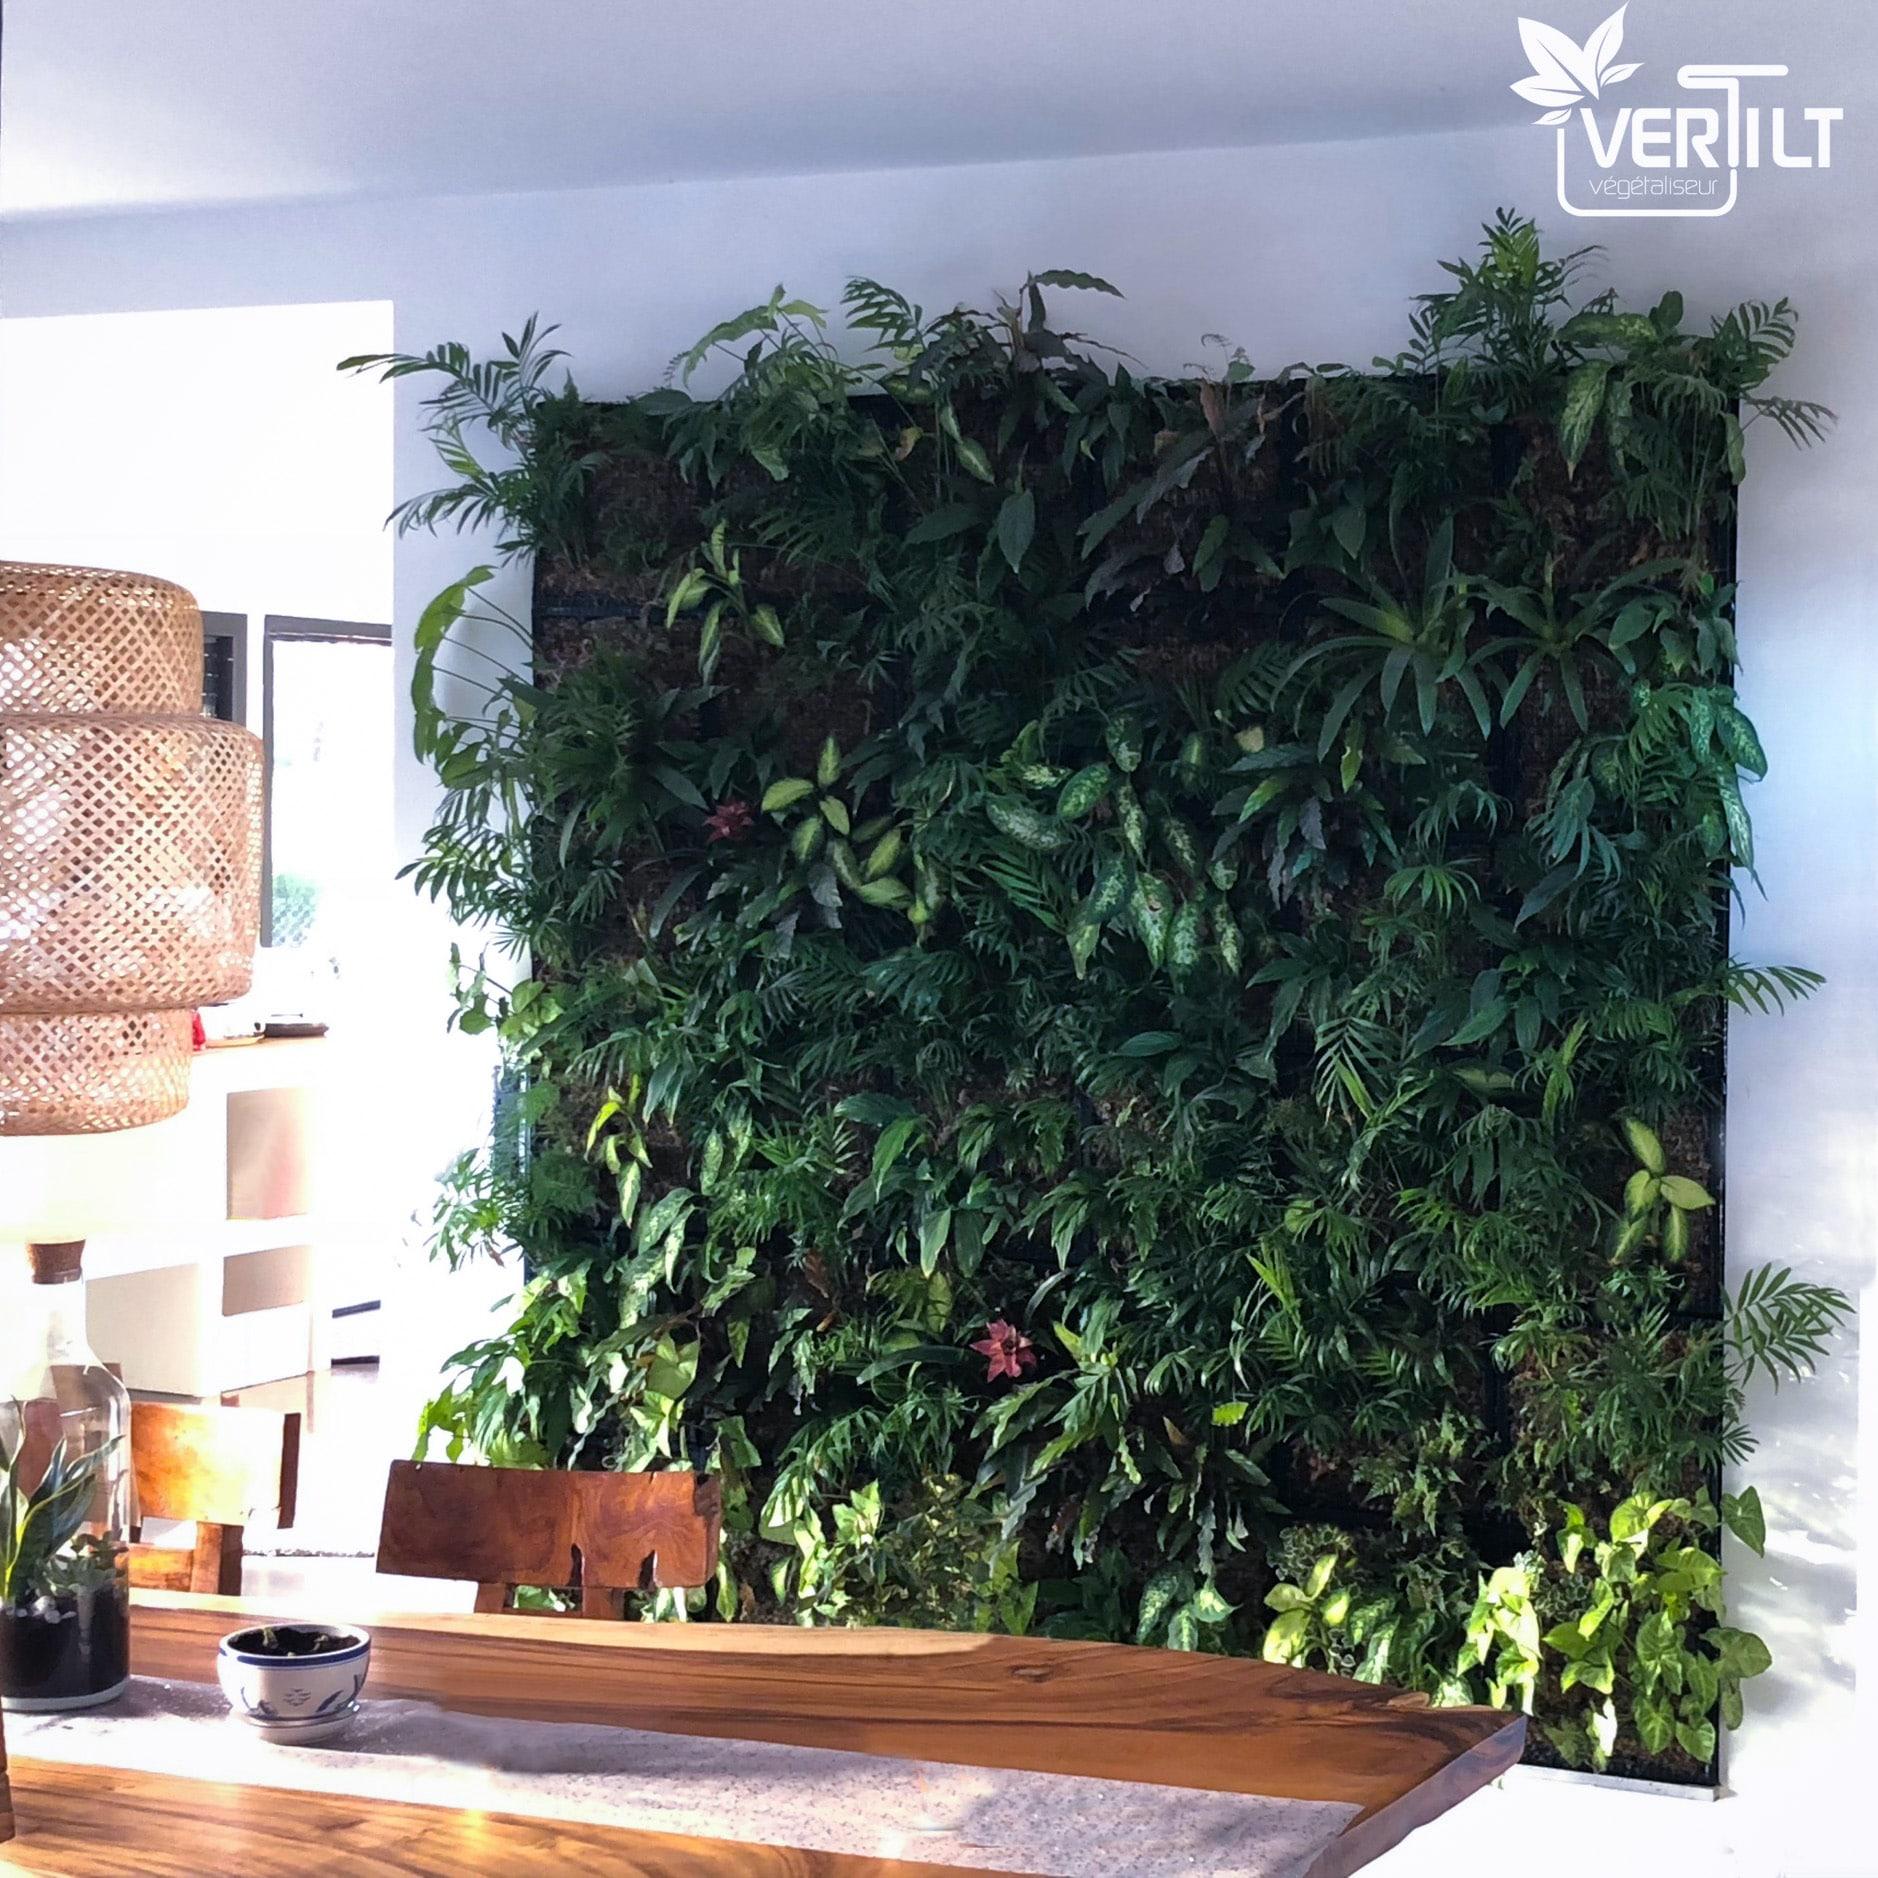 Plantes Pour Mur Végétal Extérieur mur végétal intérieur : quelle technique choisir